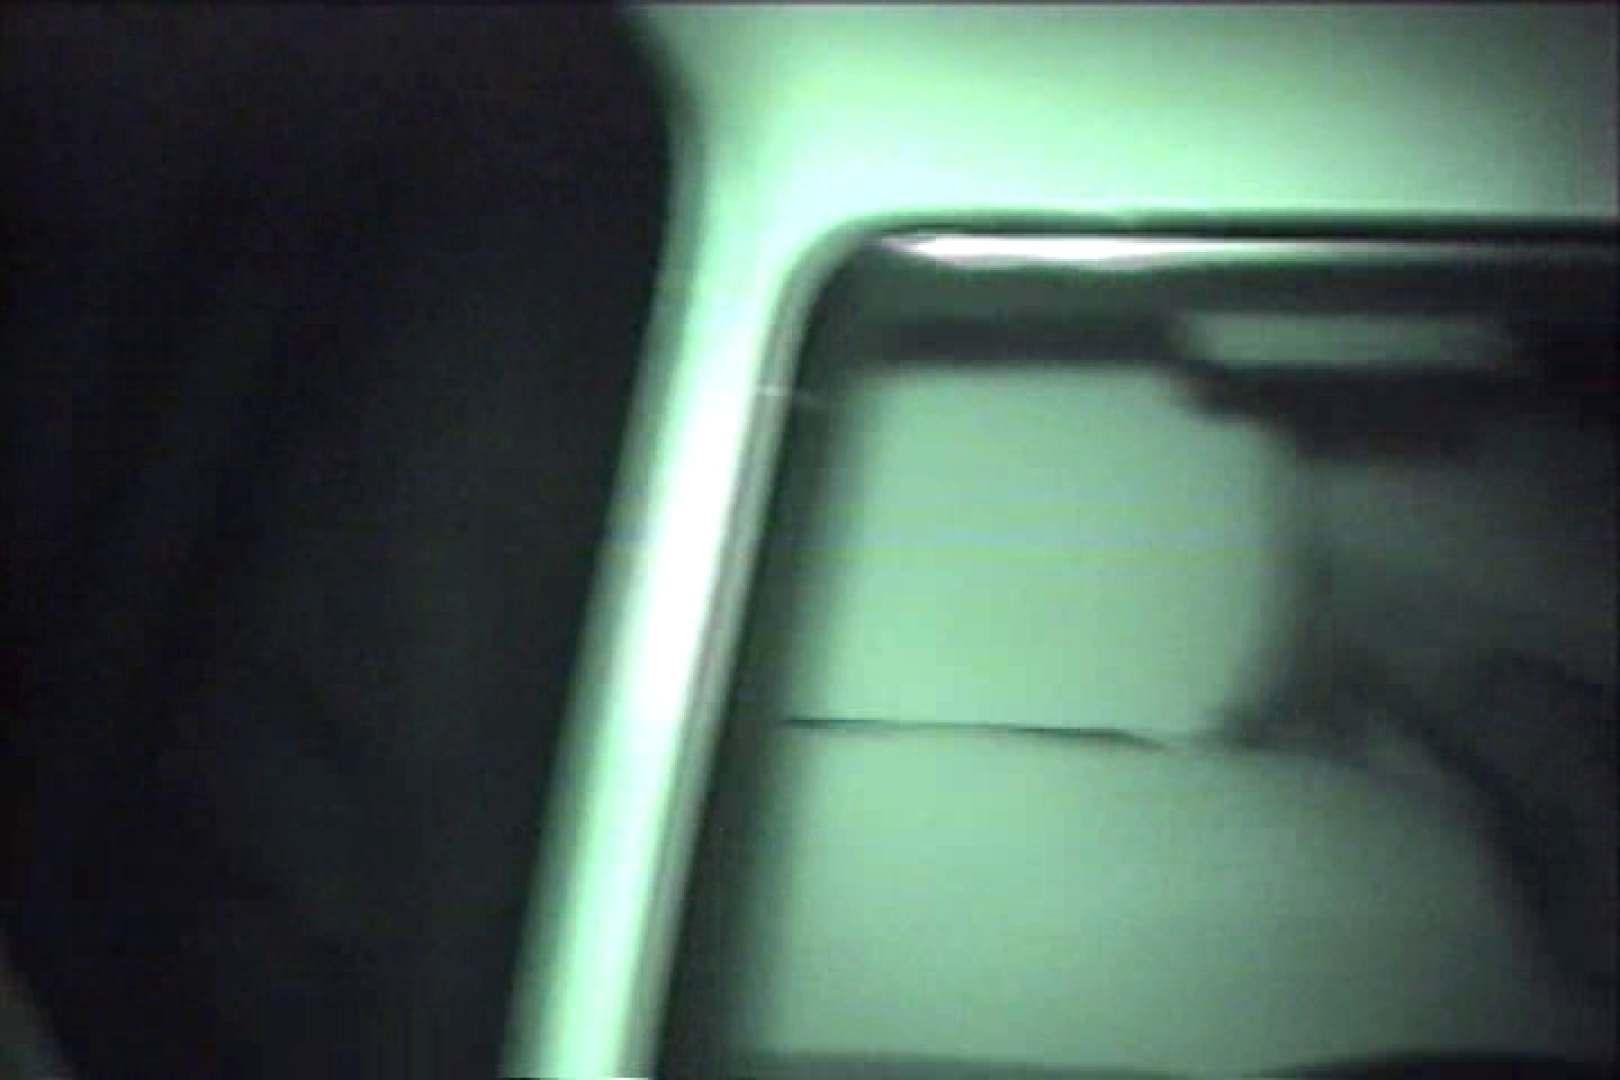 車の中はラブホテル 無修正版  Vol.17 マンコ  97画像 35